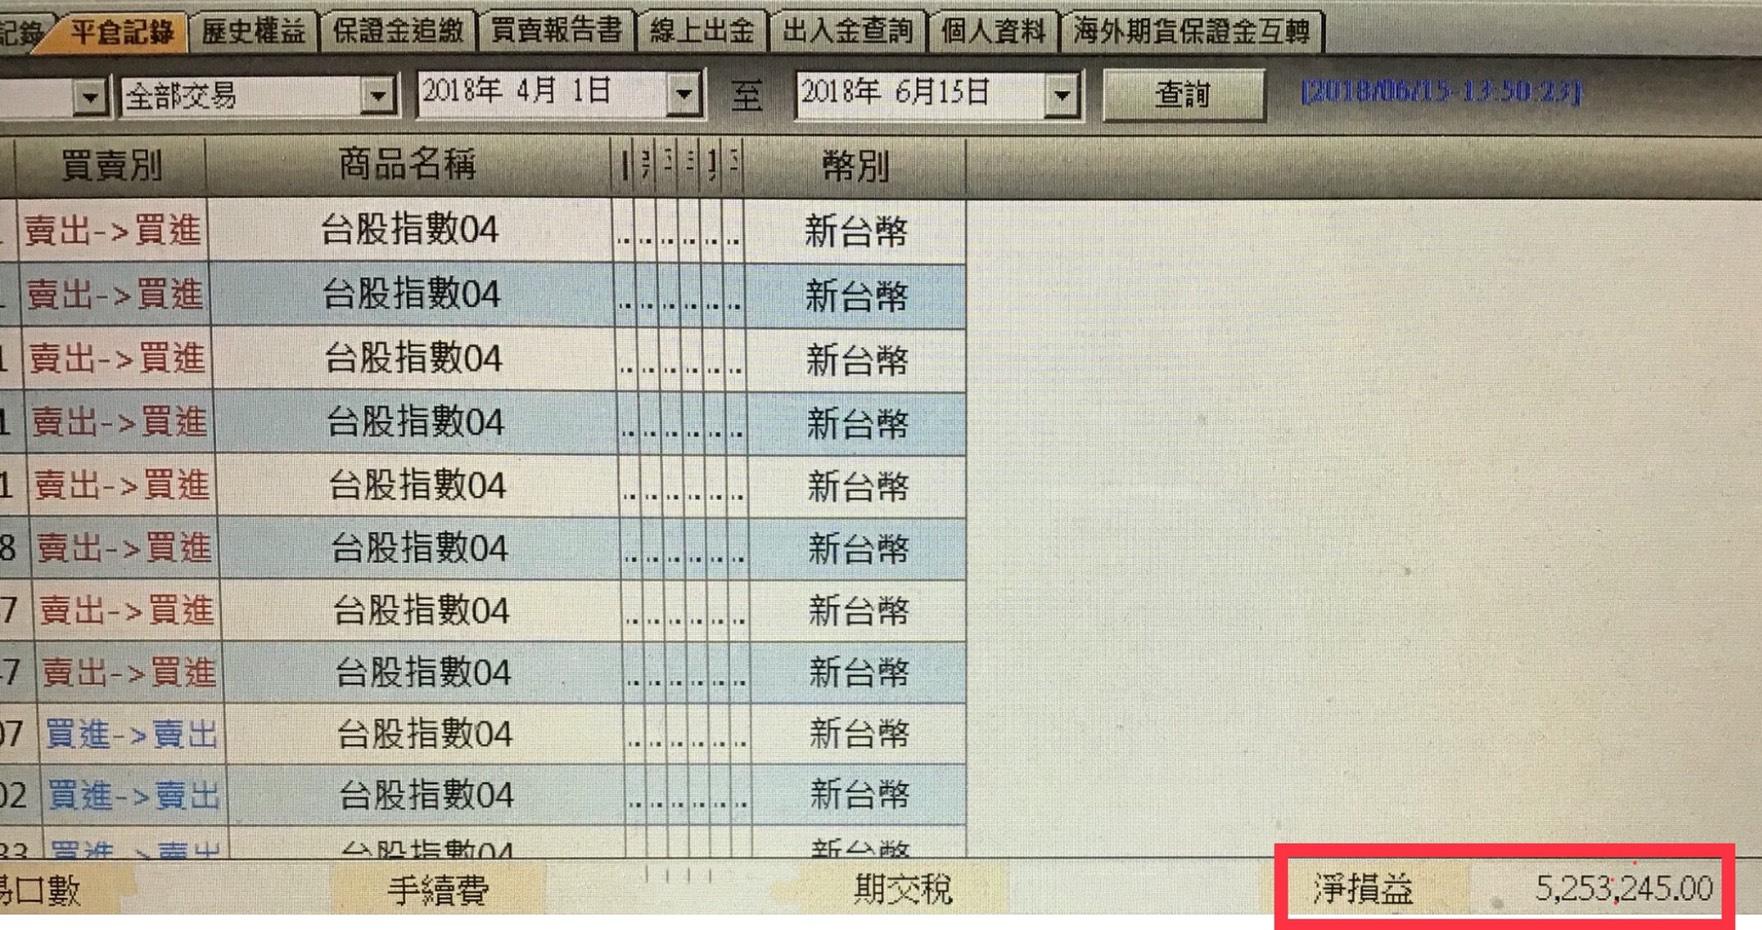 【奧丁學員】4~6月 愛心捐款70萬!_02